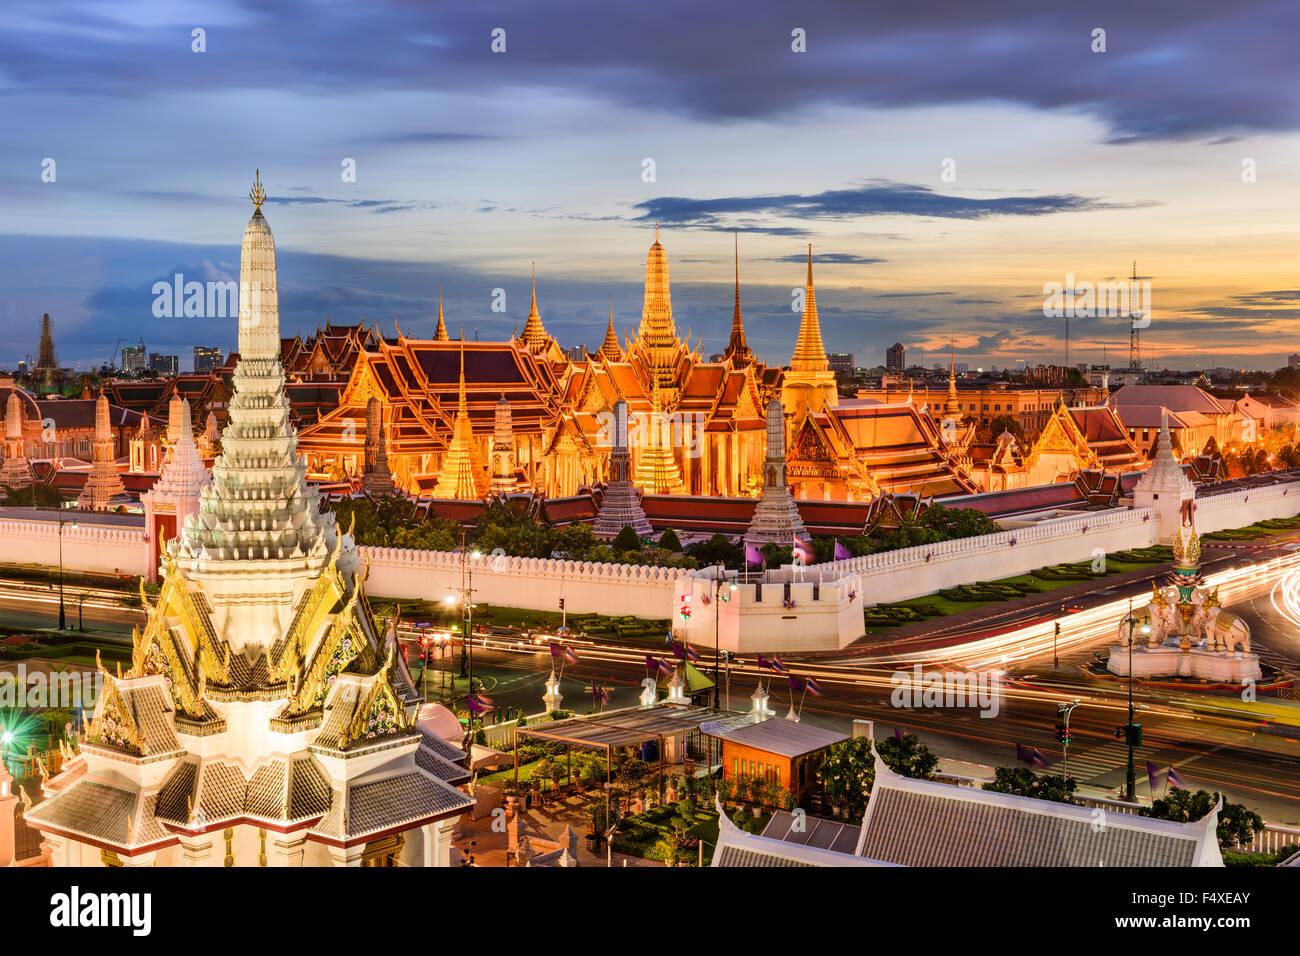 Bangkok, Thailandia presso il Tempio del Budda di smeraldo e Gran Palazzo. Immagini Stock